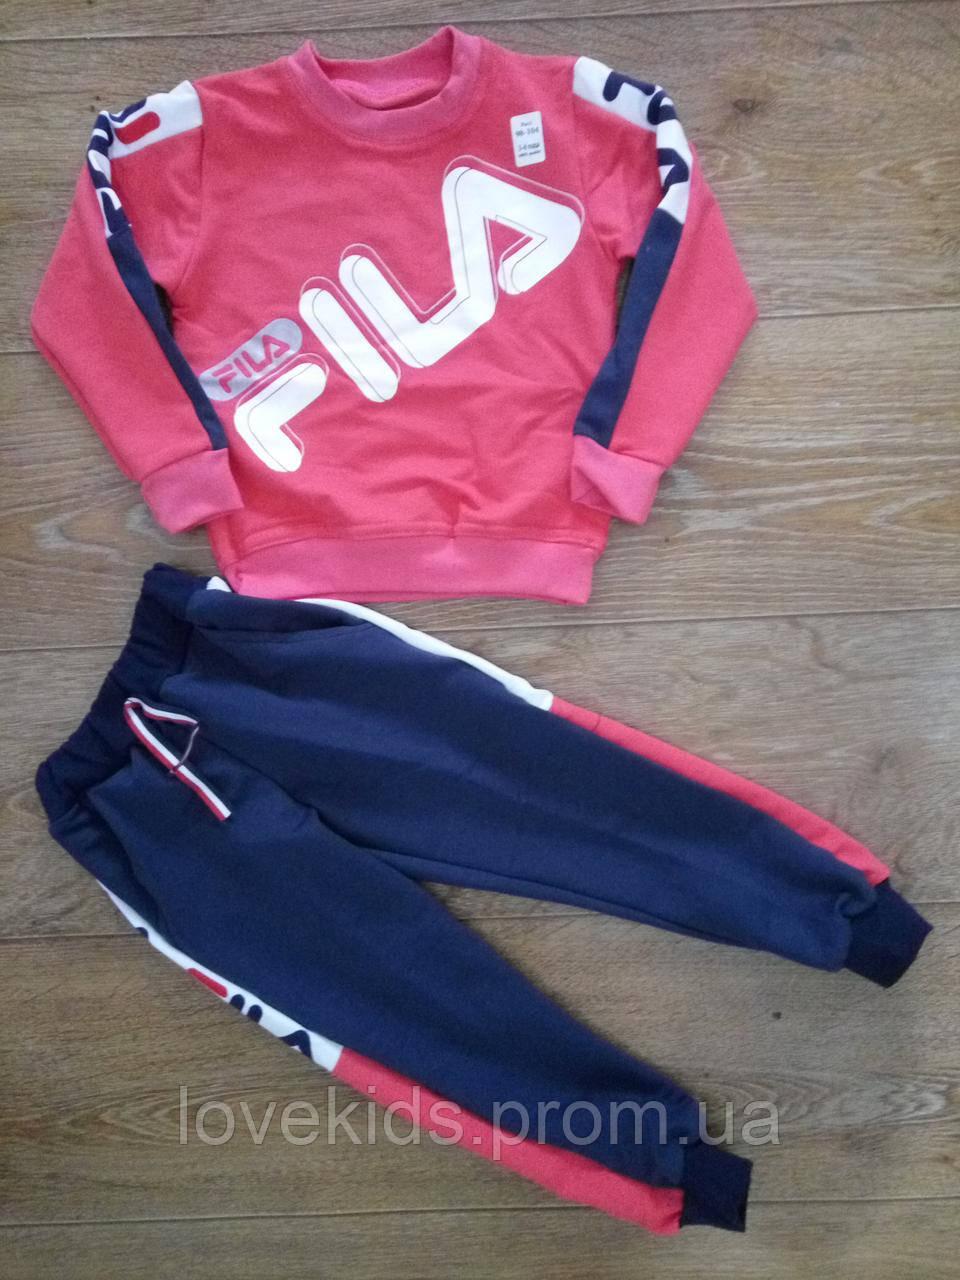 921371e7b Детский спортивный костюм для девочки Fila 92-122 см - Интернет-магазин